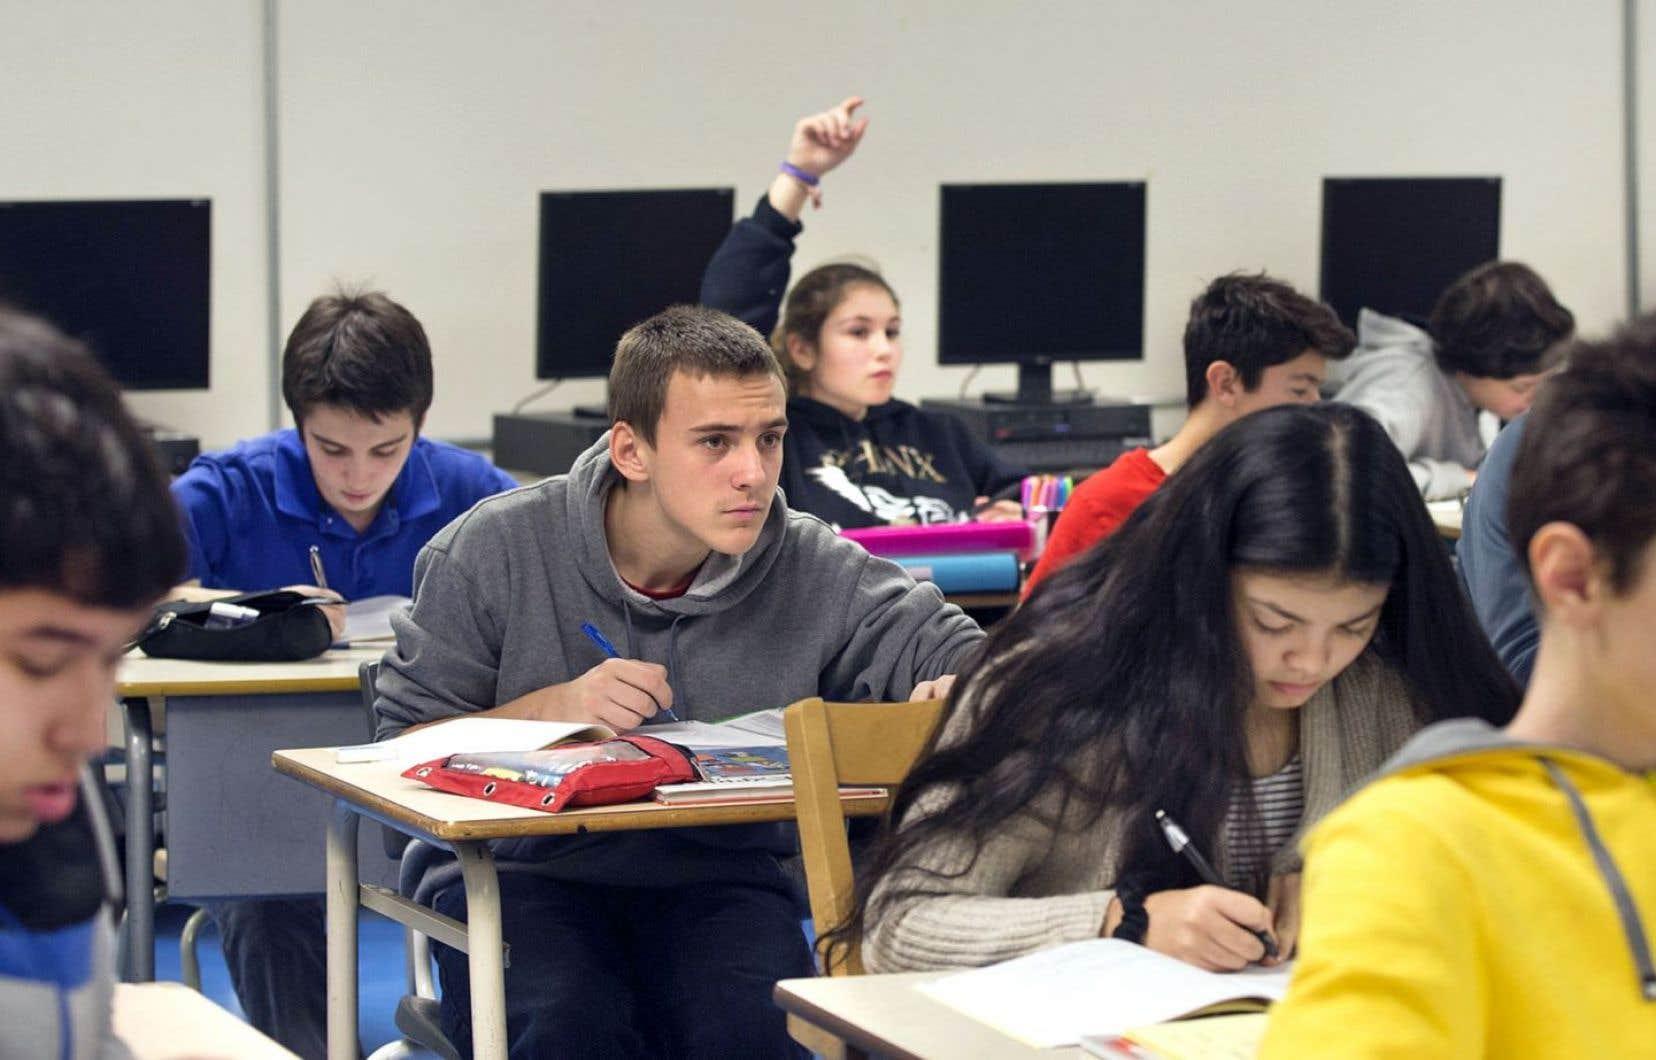 Le ministre de l'Éducation implantera un cours d'éducation financière au secondaire en 2017.